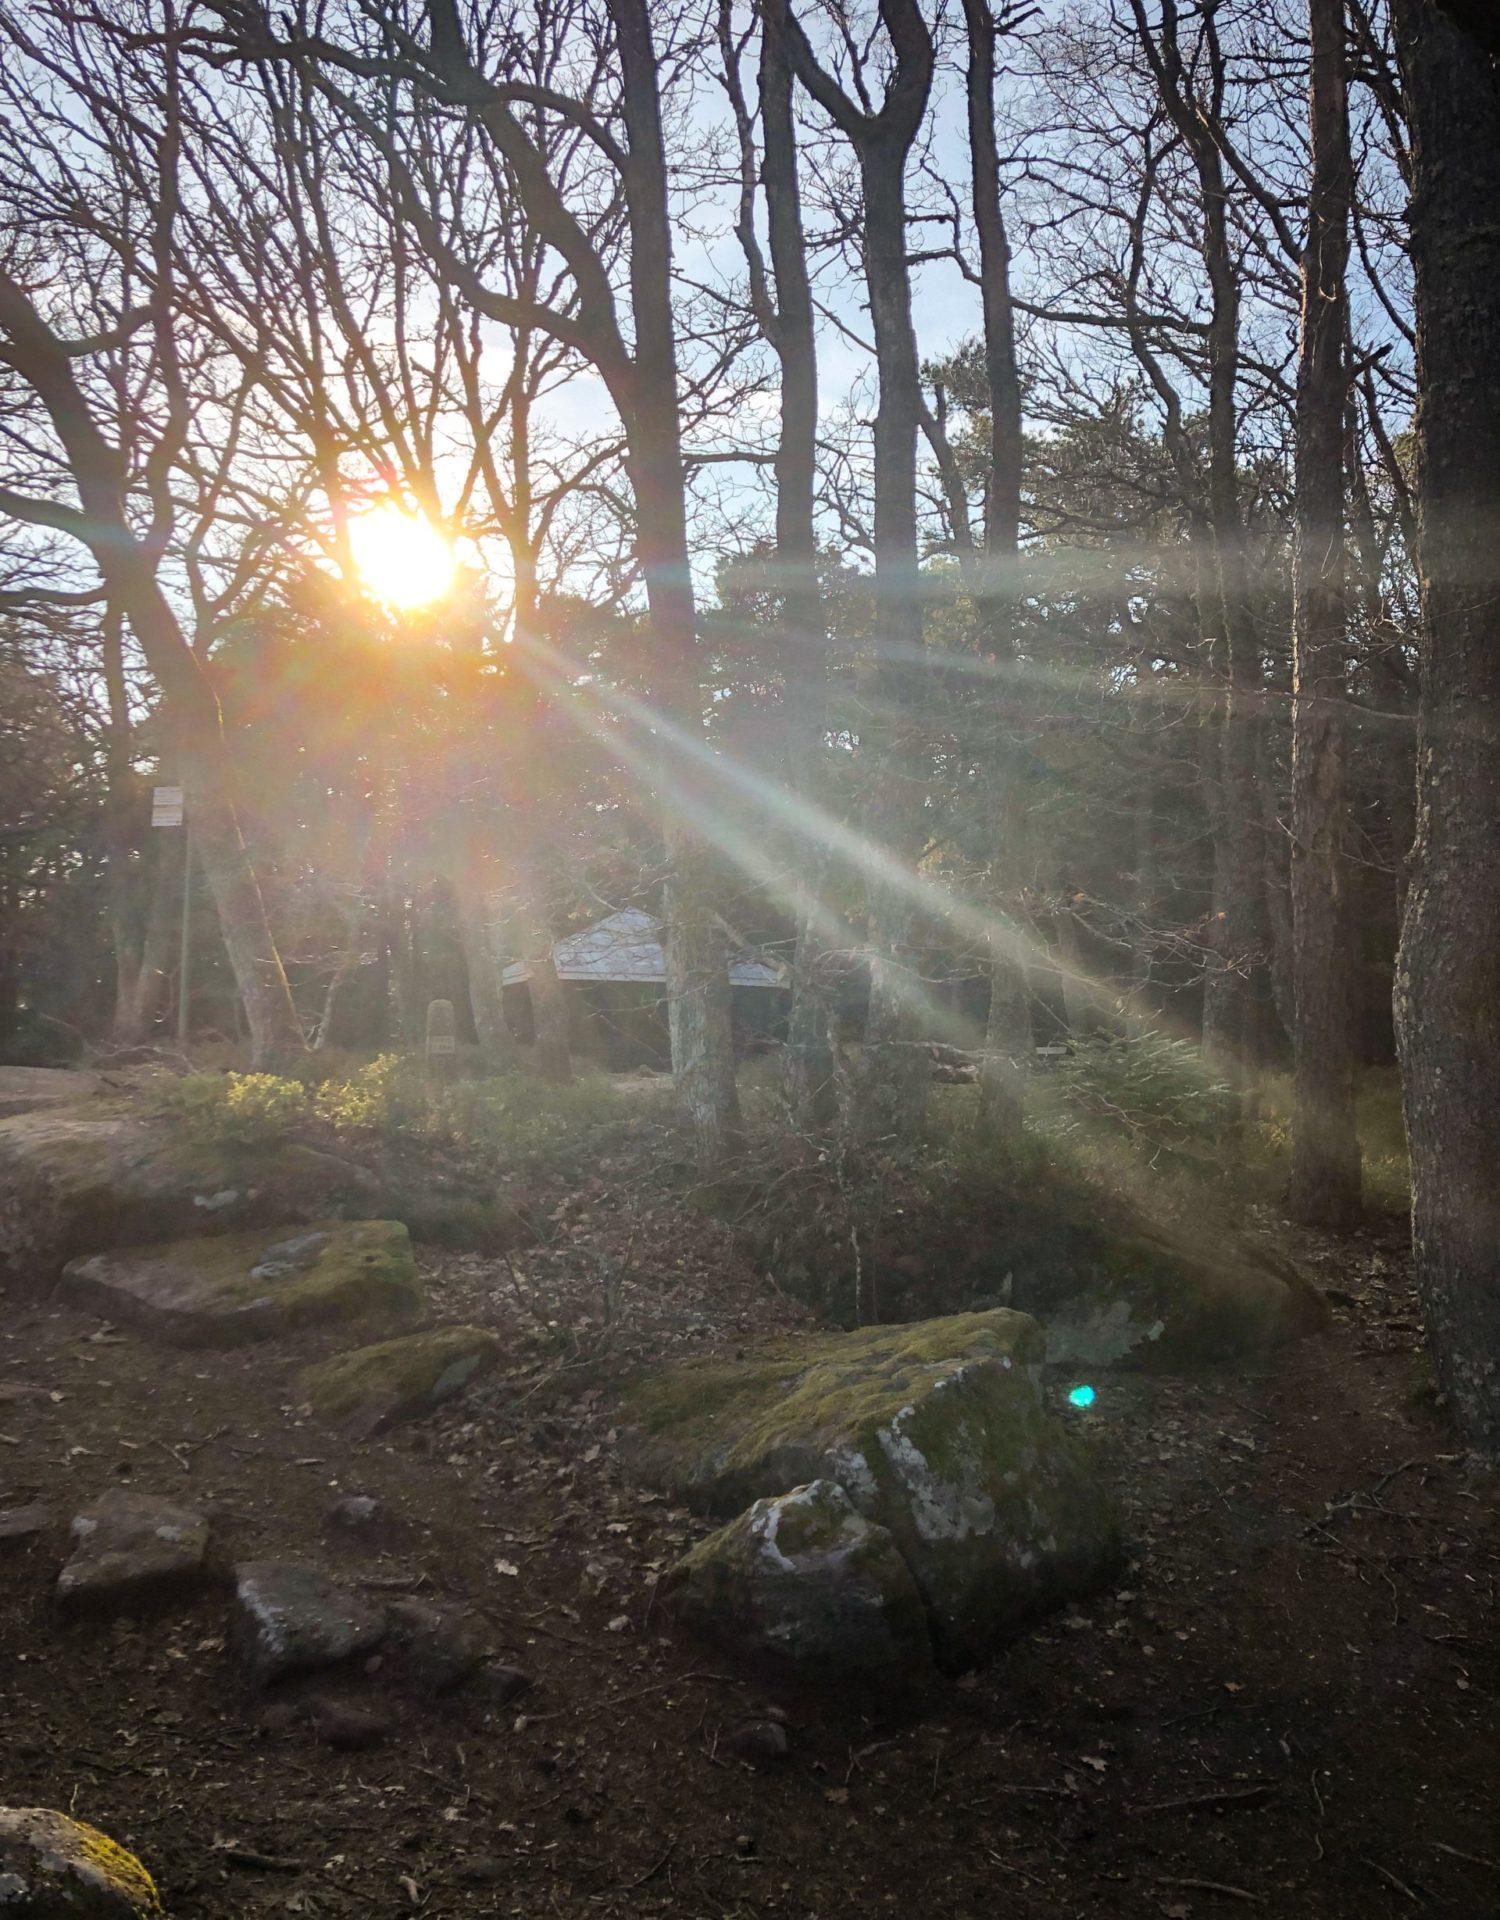 L'abri du Maennelstein dans les Vosges à côté du Mont Sainte-Odile